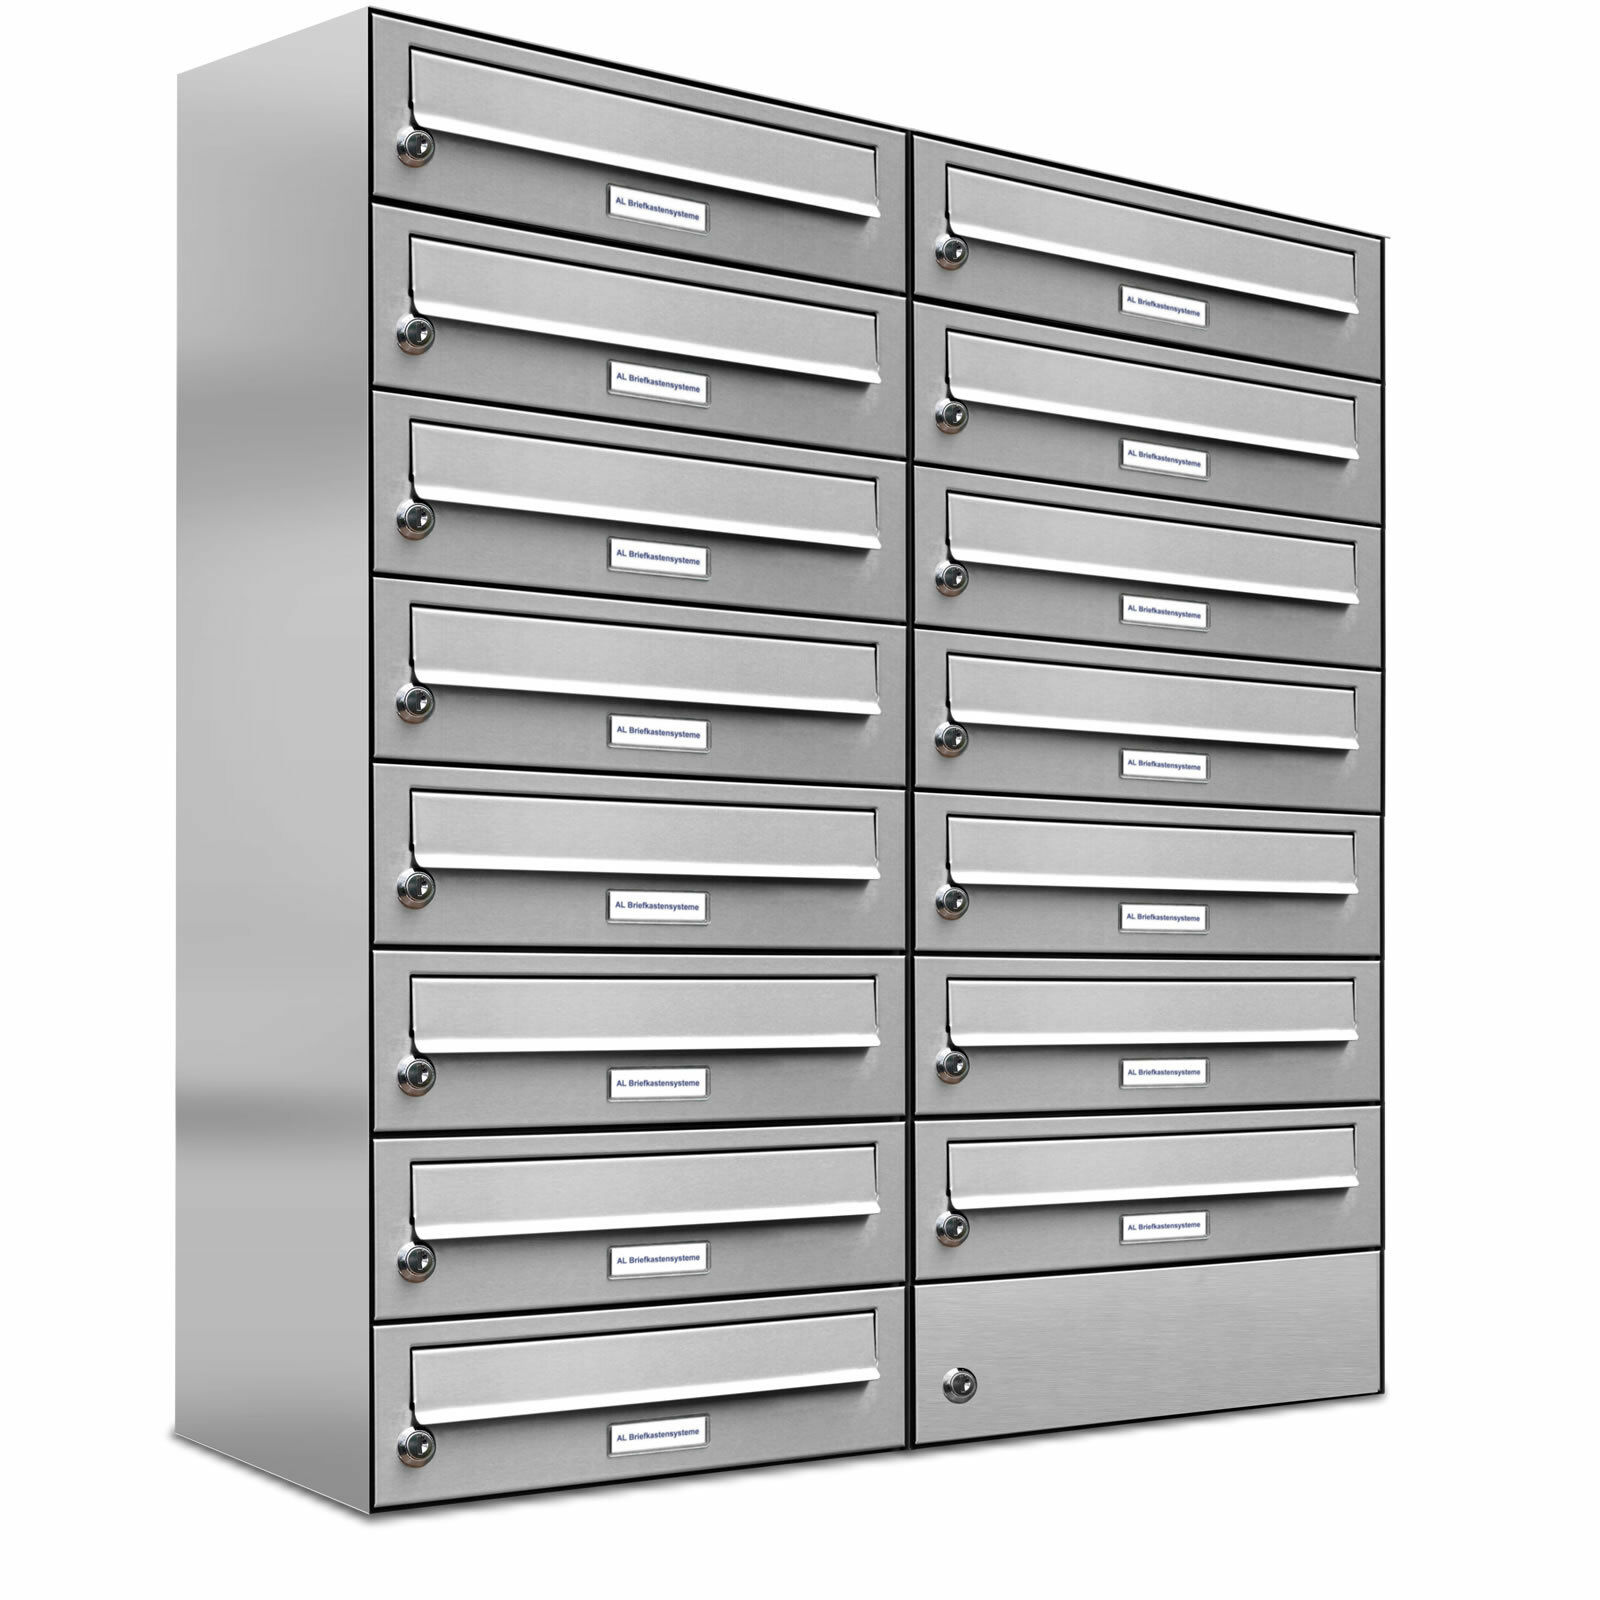 15er Premium Edelstahl Briefkasten Anlage 15 Fach Wandbriefkasten A4 Postkasten